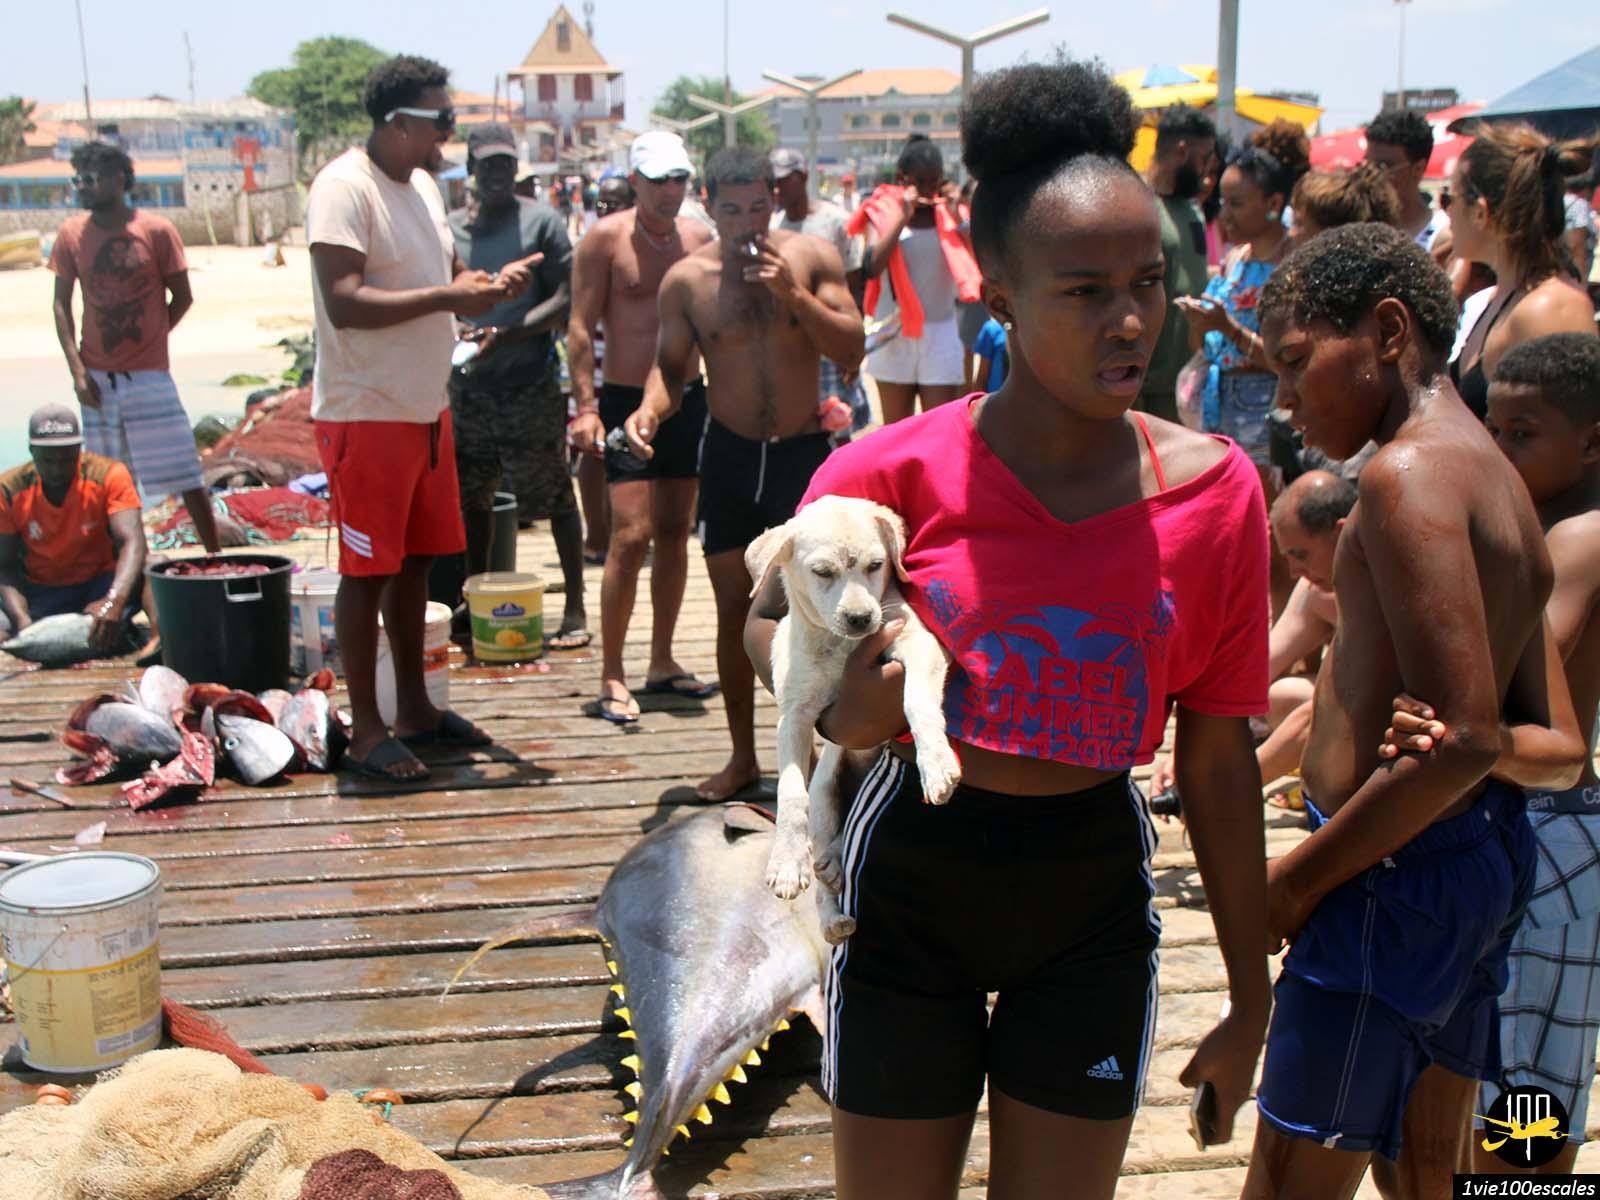 L'ambiance et l'animation sur le poton à l'arrivée des pêcheurs à Santa Maria sur l'île de Sal